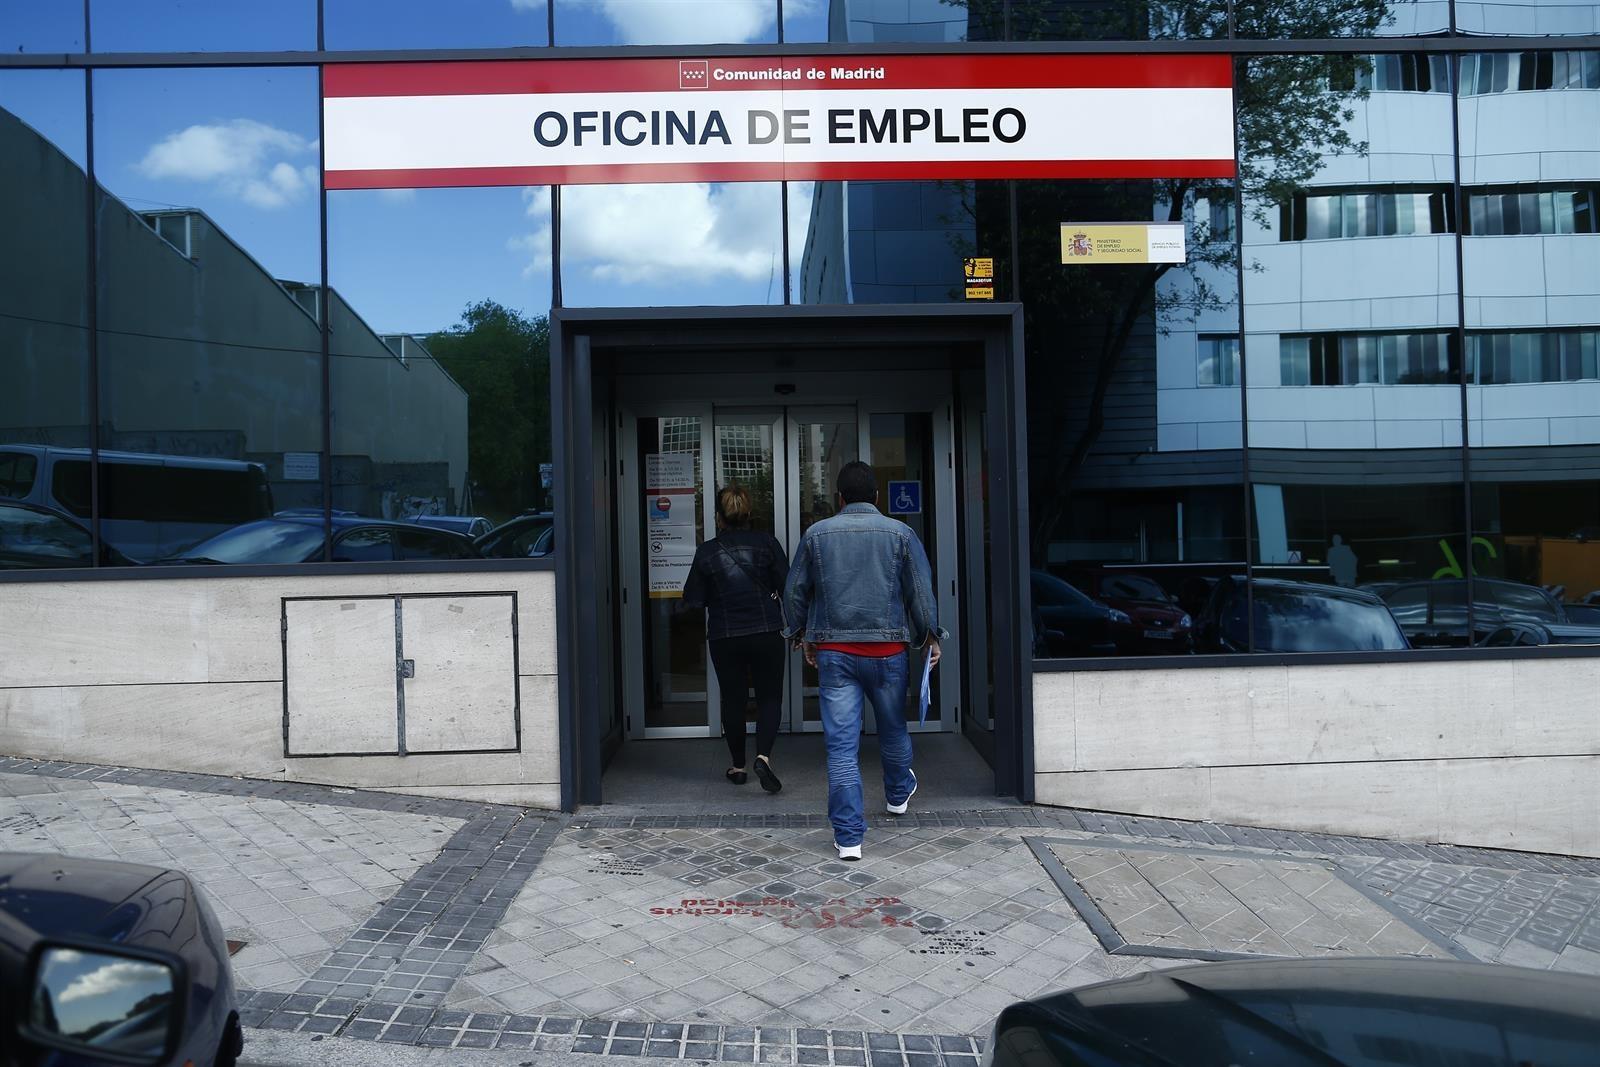 El gasto en prestaciones por desempleo baja un 0 8 en enero p blico - Oficina de desempleo ...